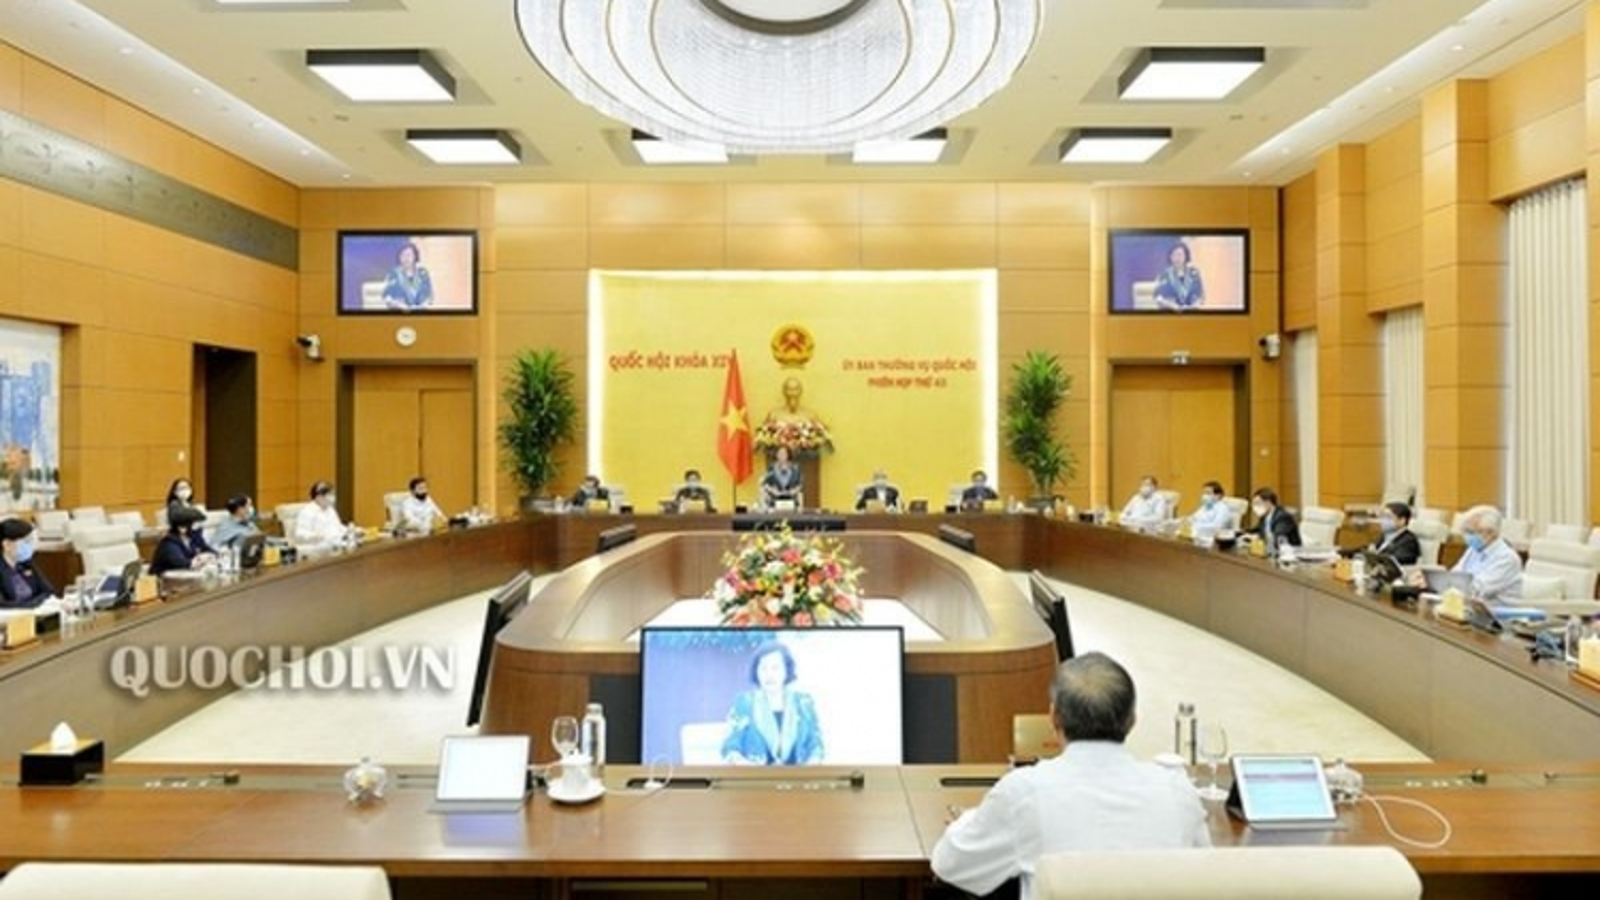 Khai mạc phiên họp 44 Ủy ban Thường vụ Quốc hội